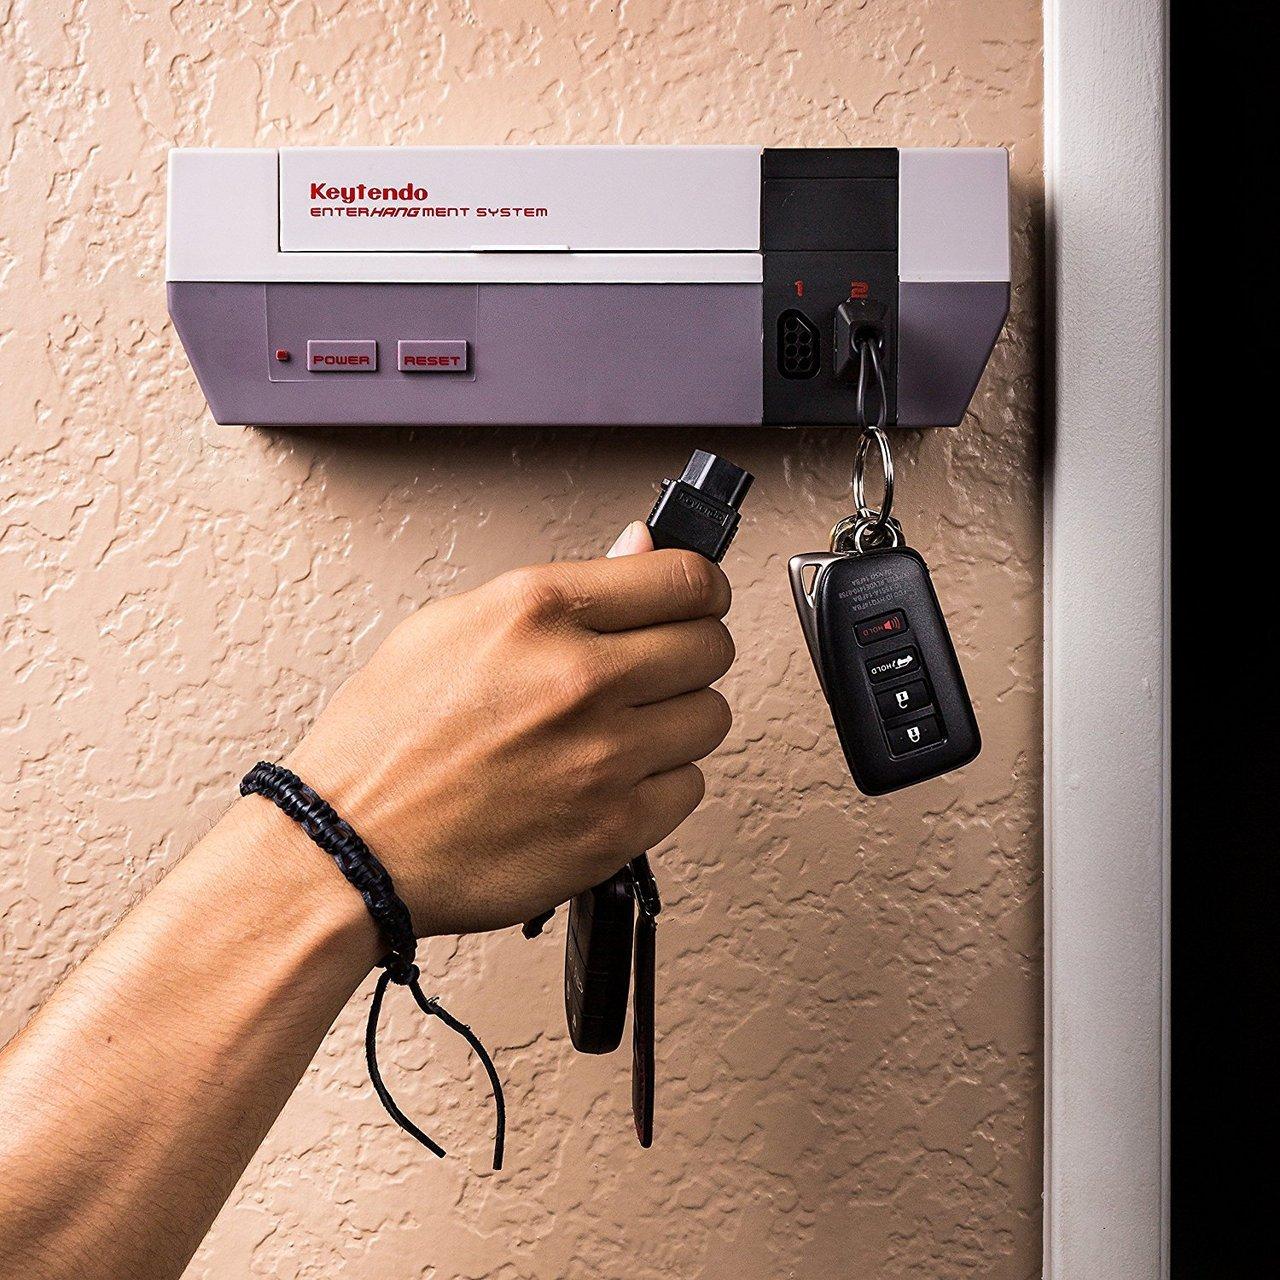 Keytendo Key Holder Rack